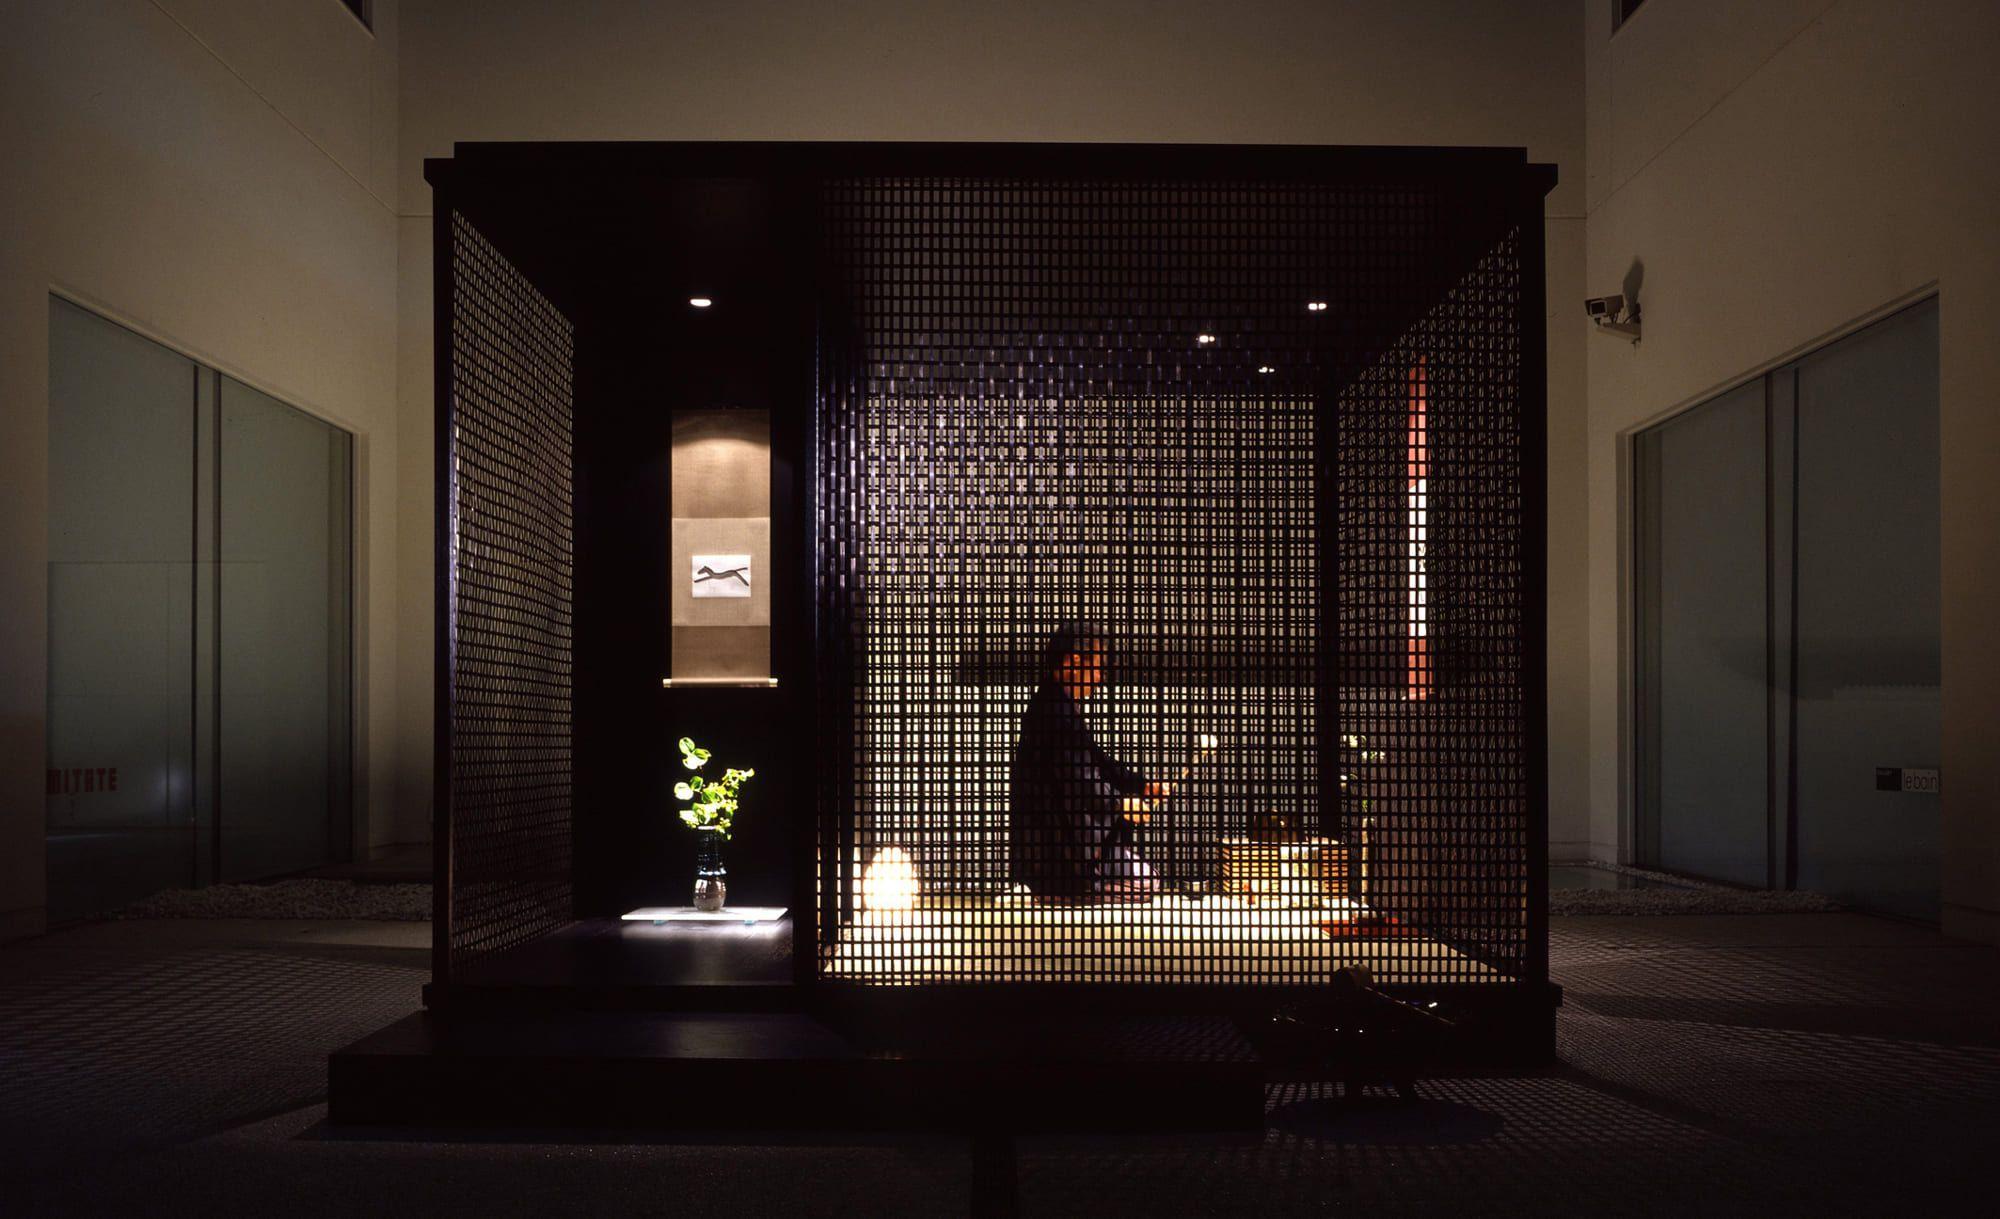 内田繁デザインの茶室「山居」のオリジナル。エンソウ アンゴに設置されているのはこちらの木素地をいかしたバージョン。